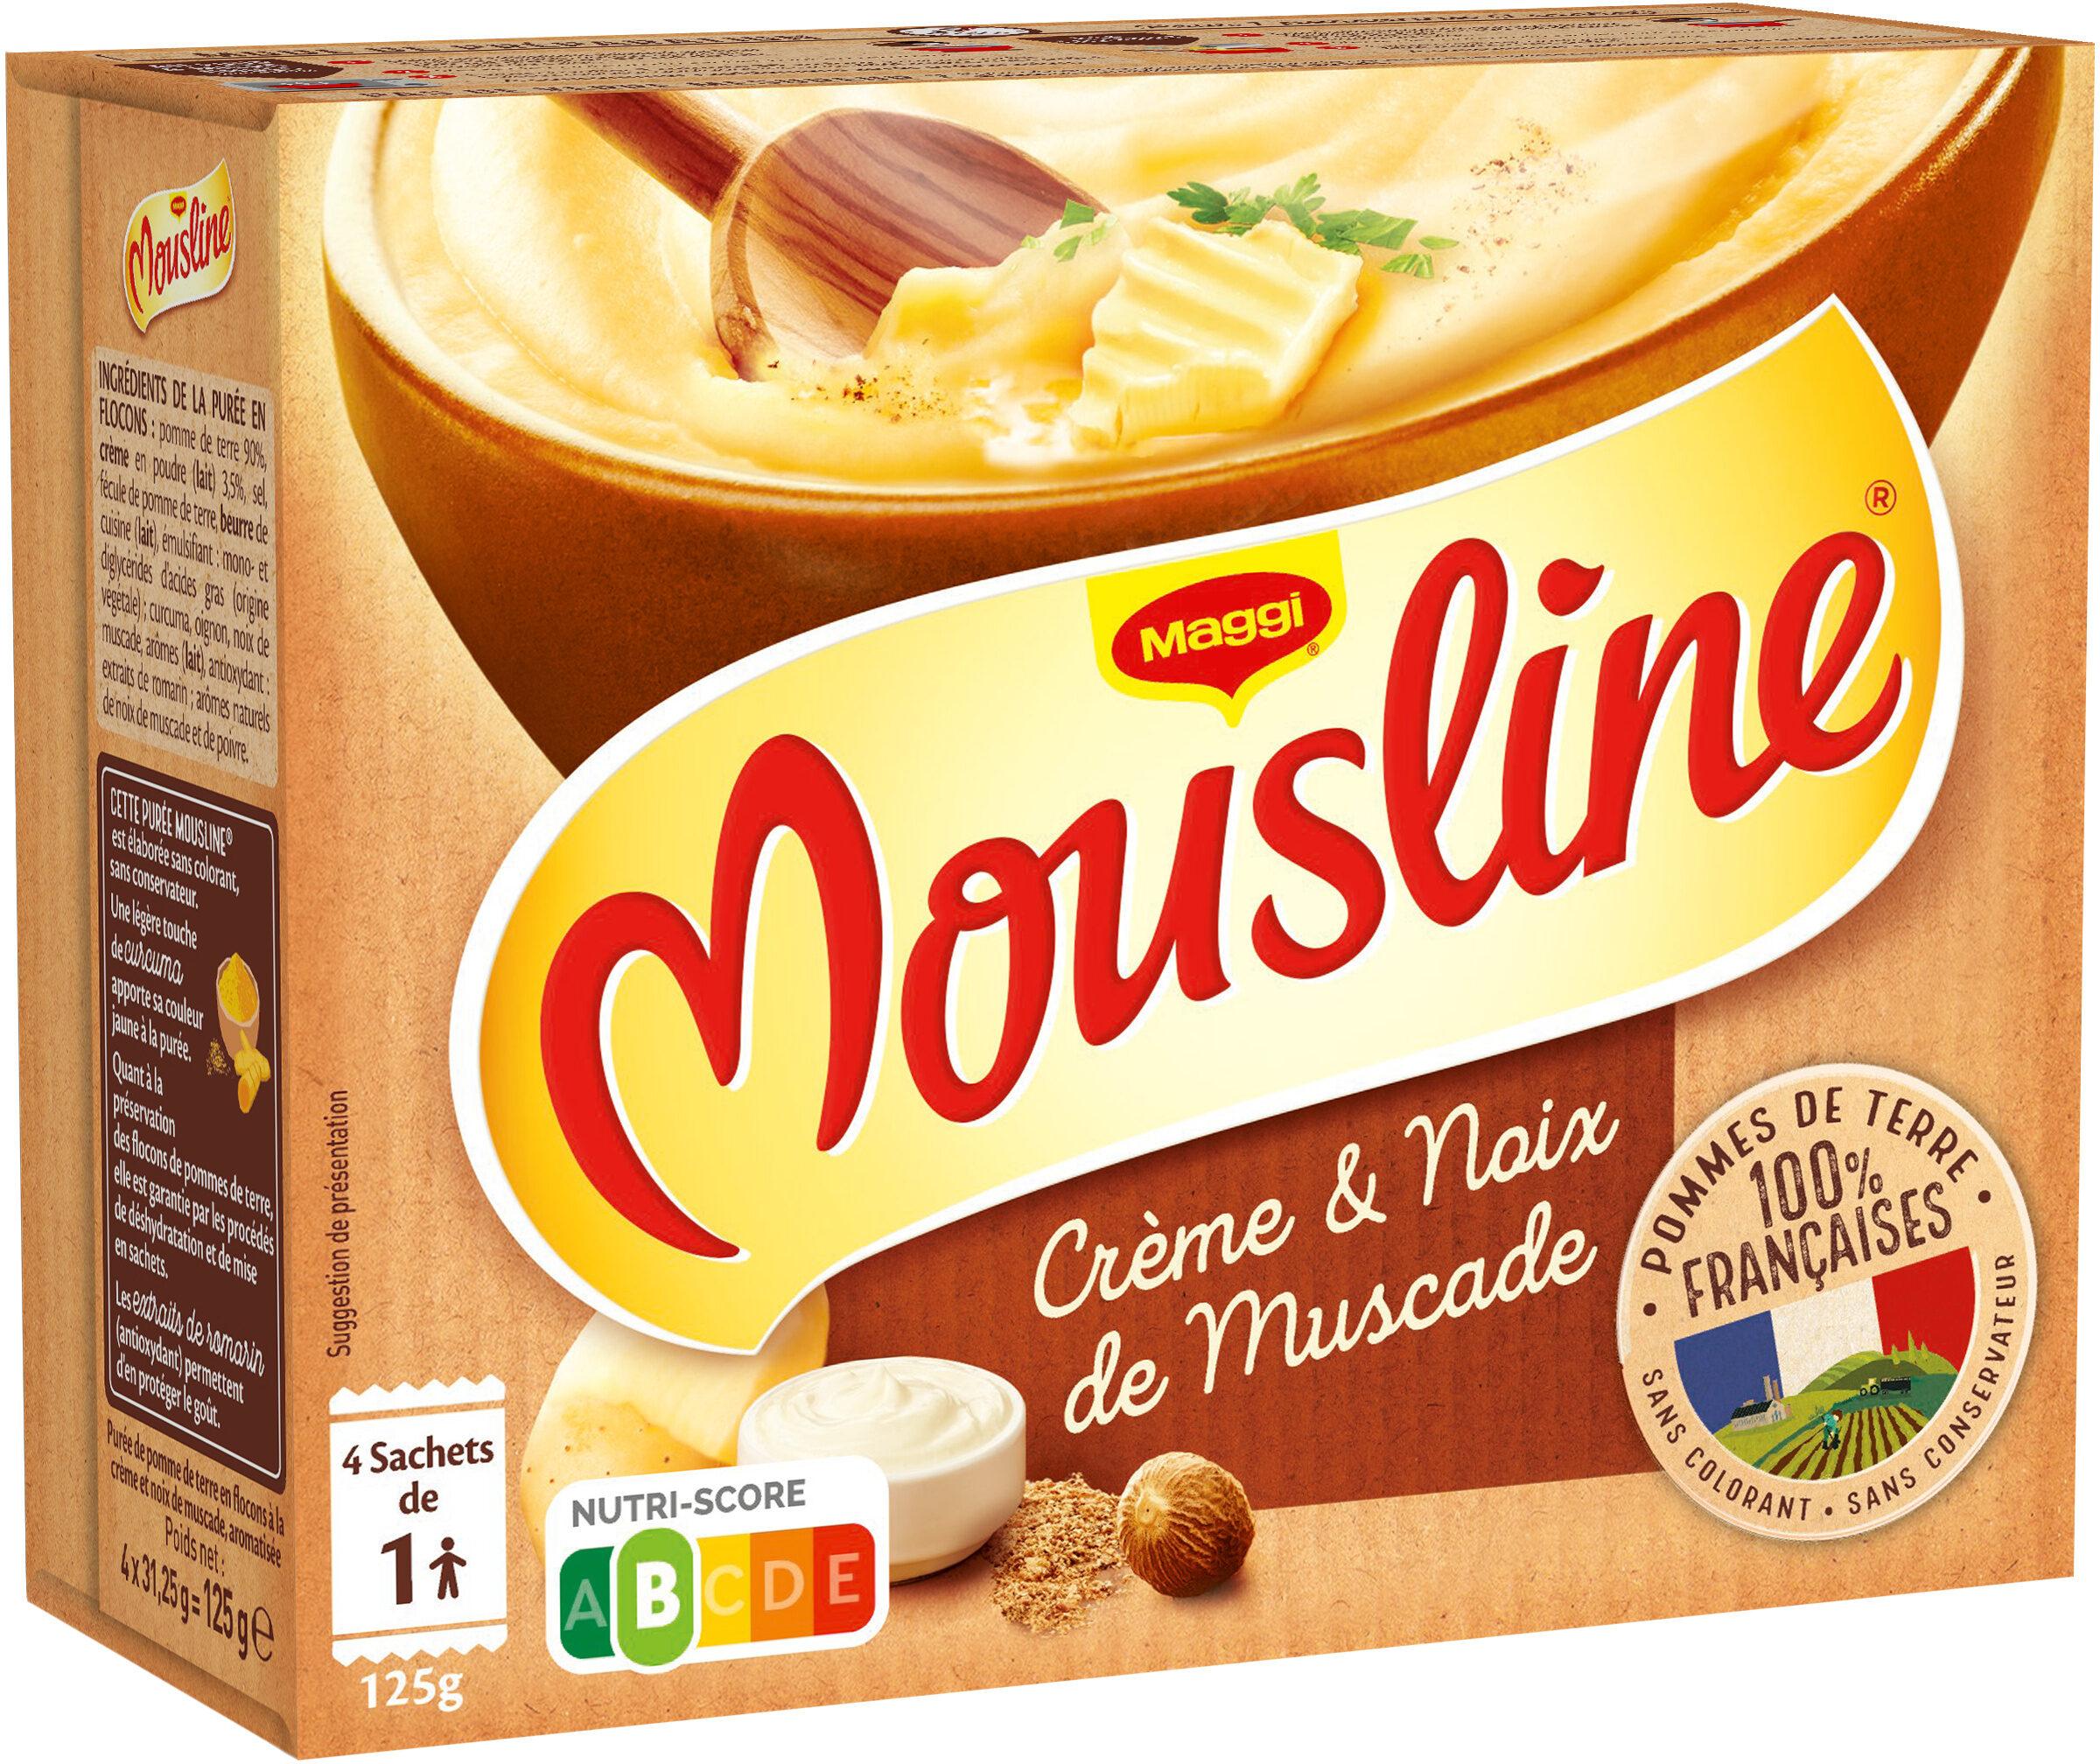 MOUSLINE Purée Crème Muscade Format Individuel (4x31,25g) - Product - fr